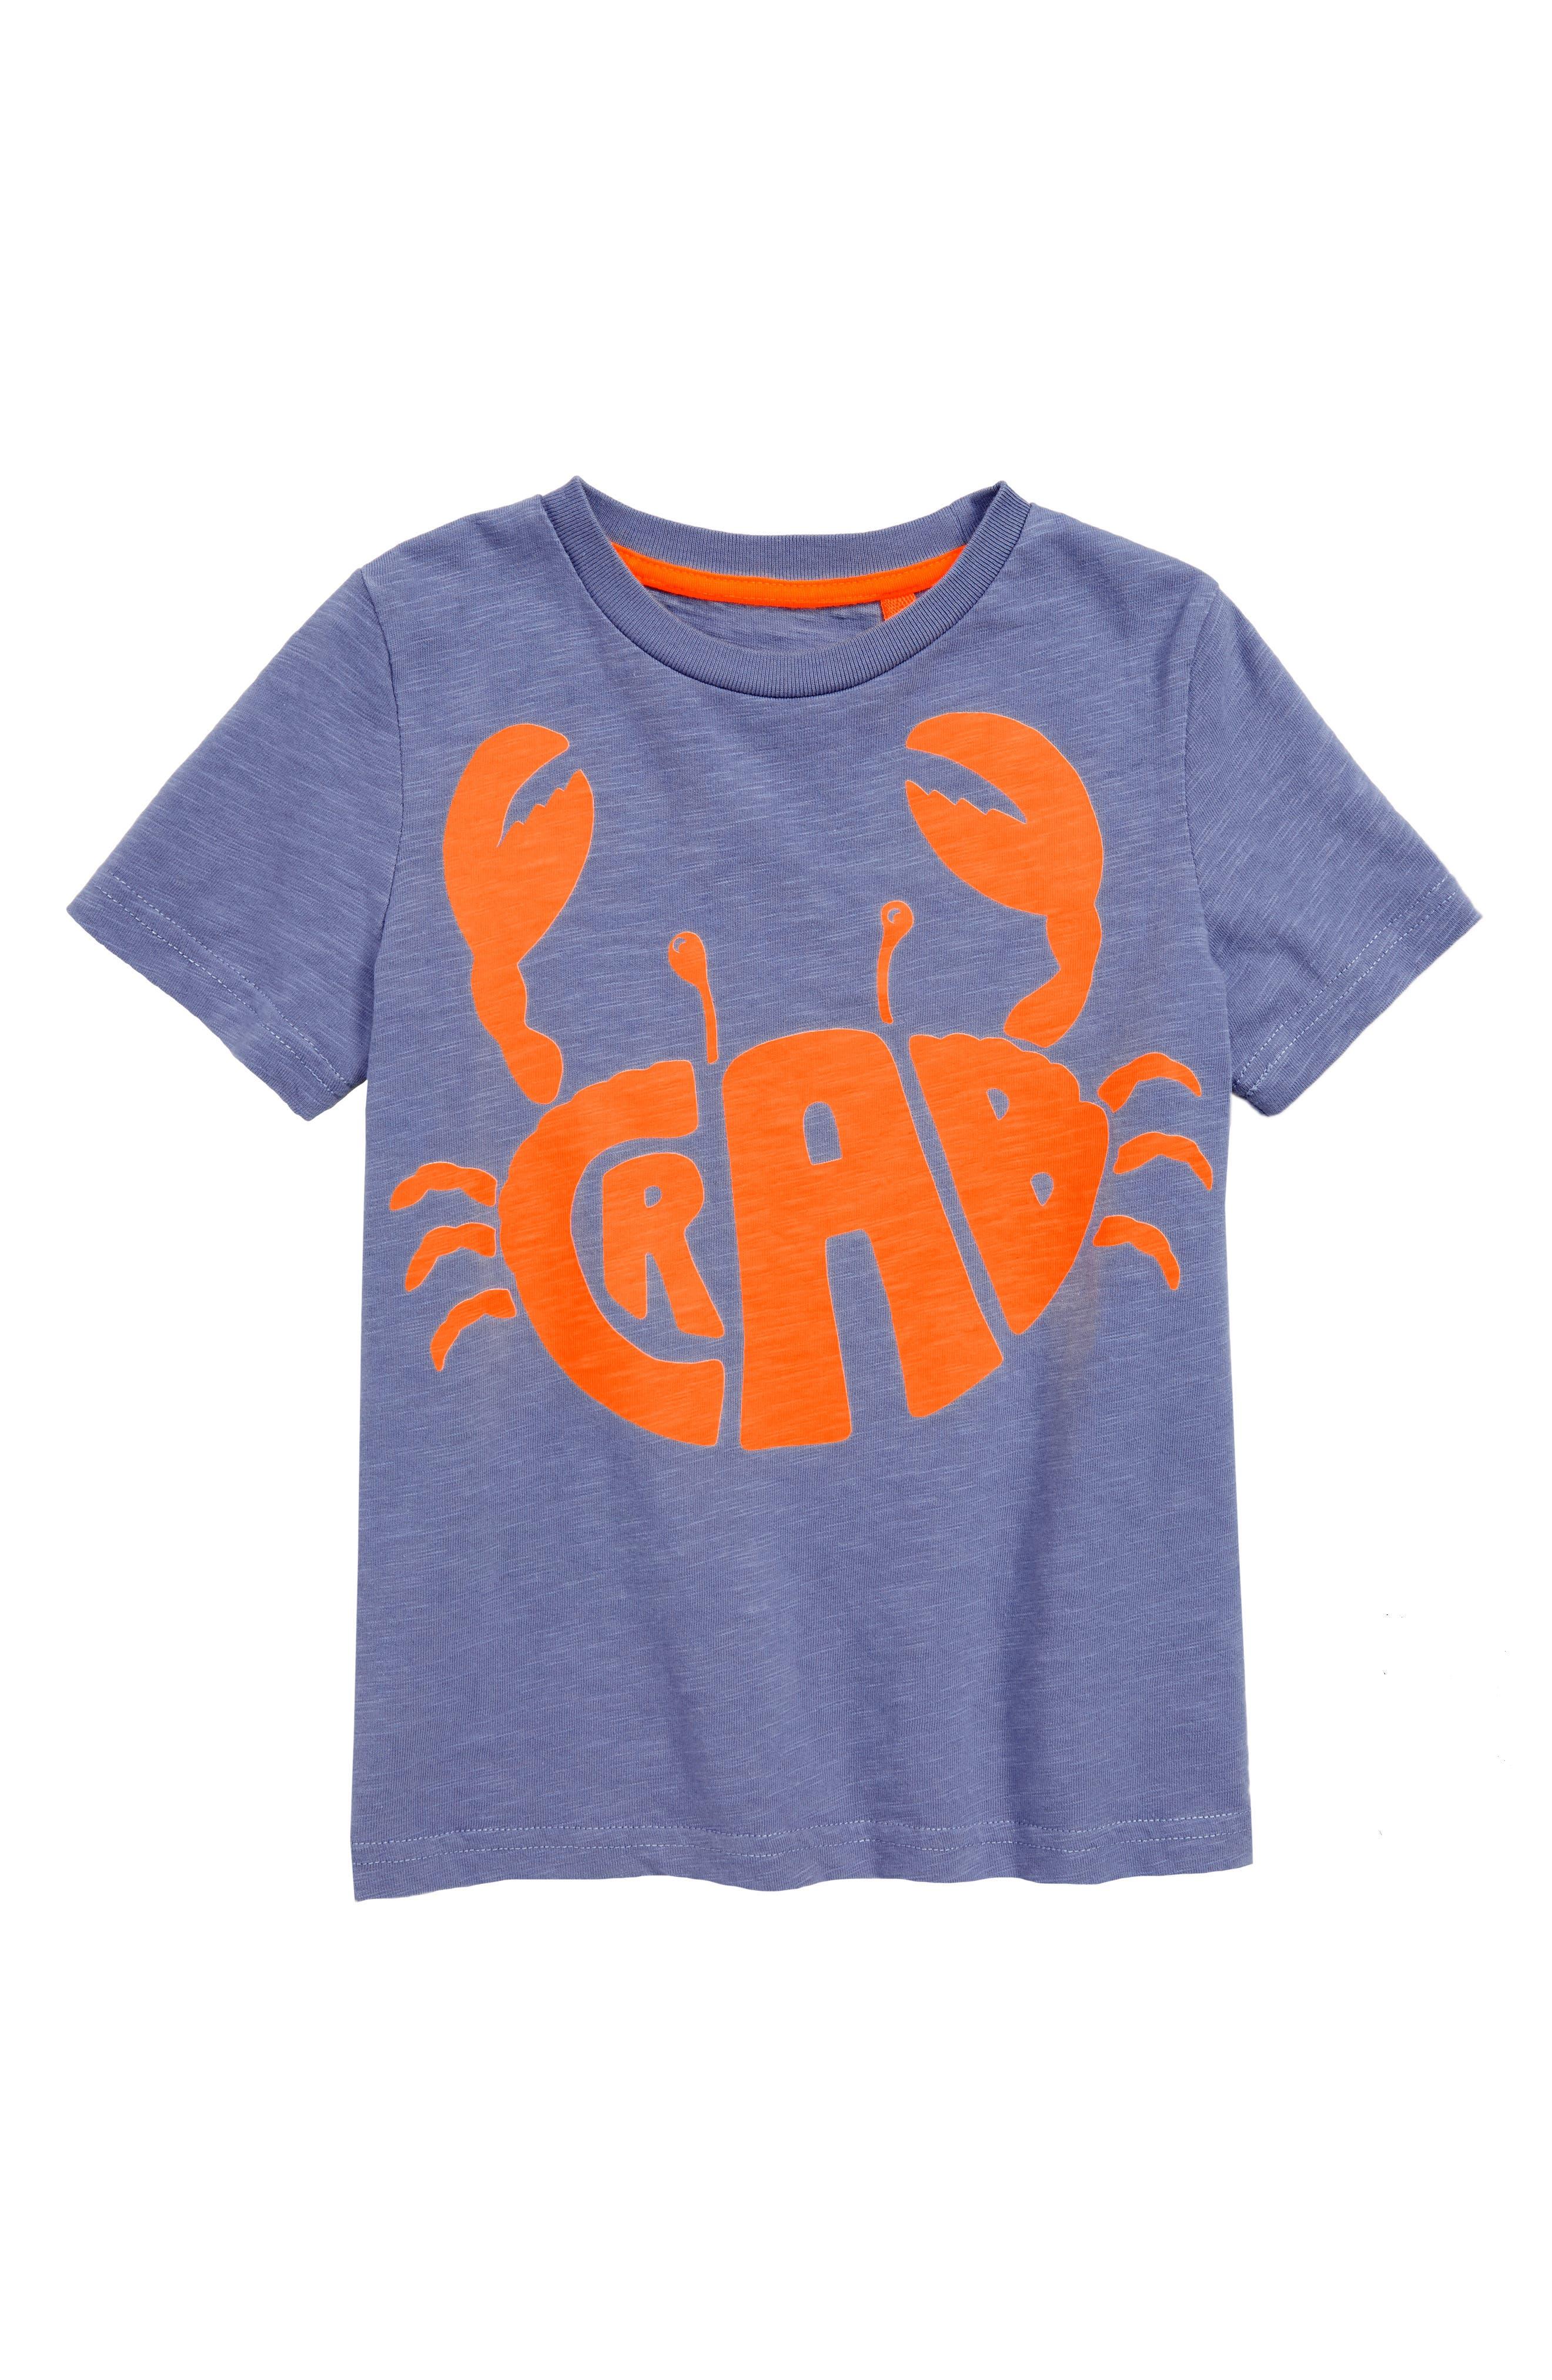 Fluoro Crab T-Shirt,                             Main thumbnail 1, color,                             Hook Blue Crab